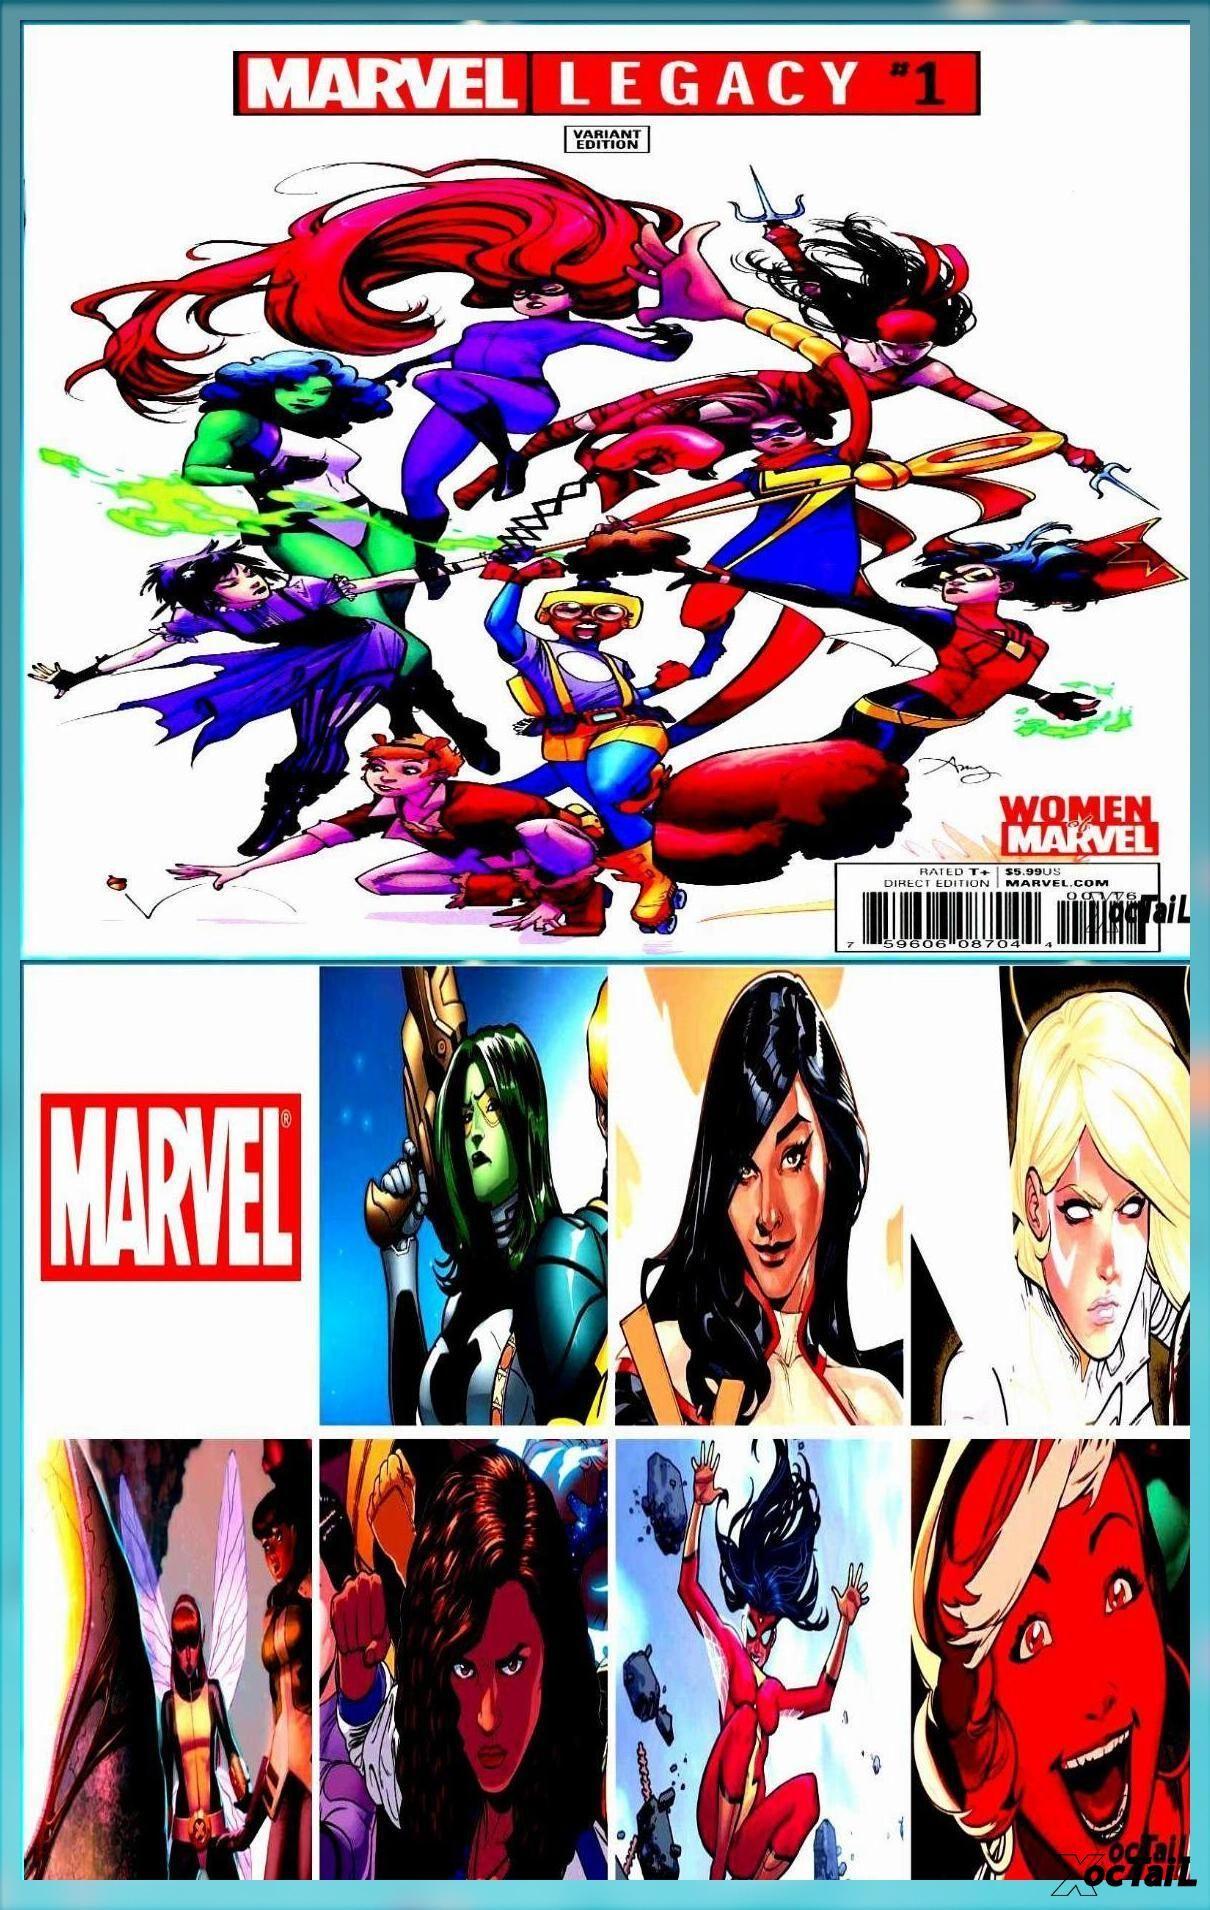 Details About Marvel Legacy 1 Reeder Women Of Marvel Variant Marvel Comics Elektra She Hulk Female Avengers Avengers Team Marvel Comics Art